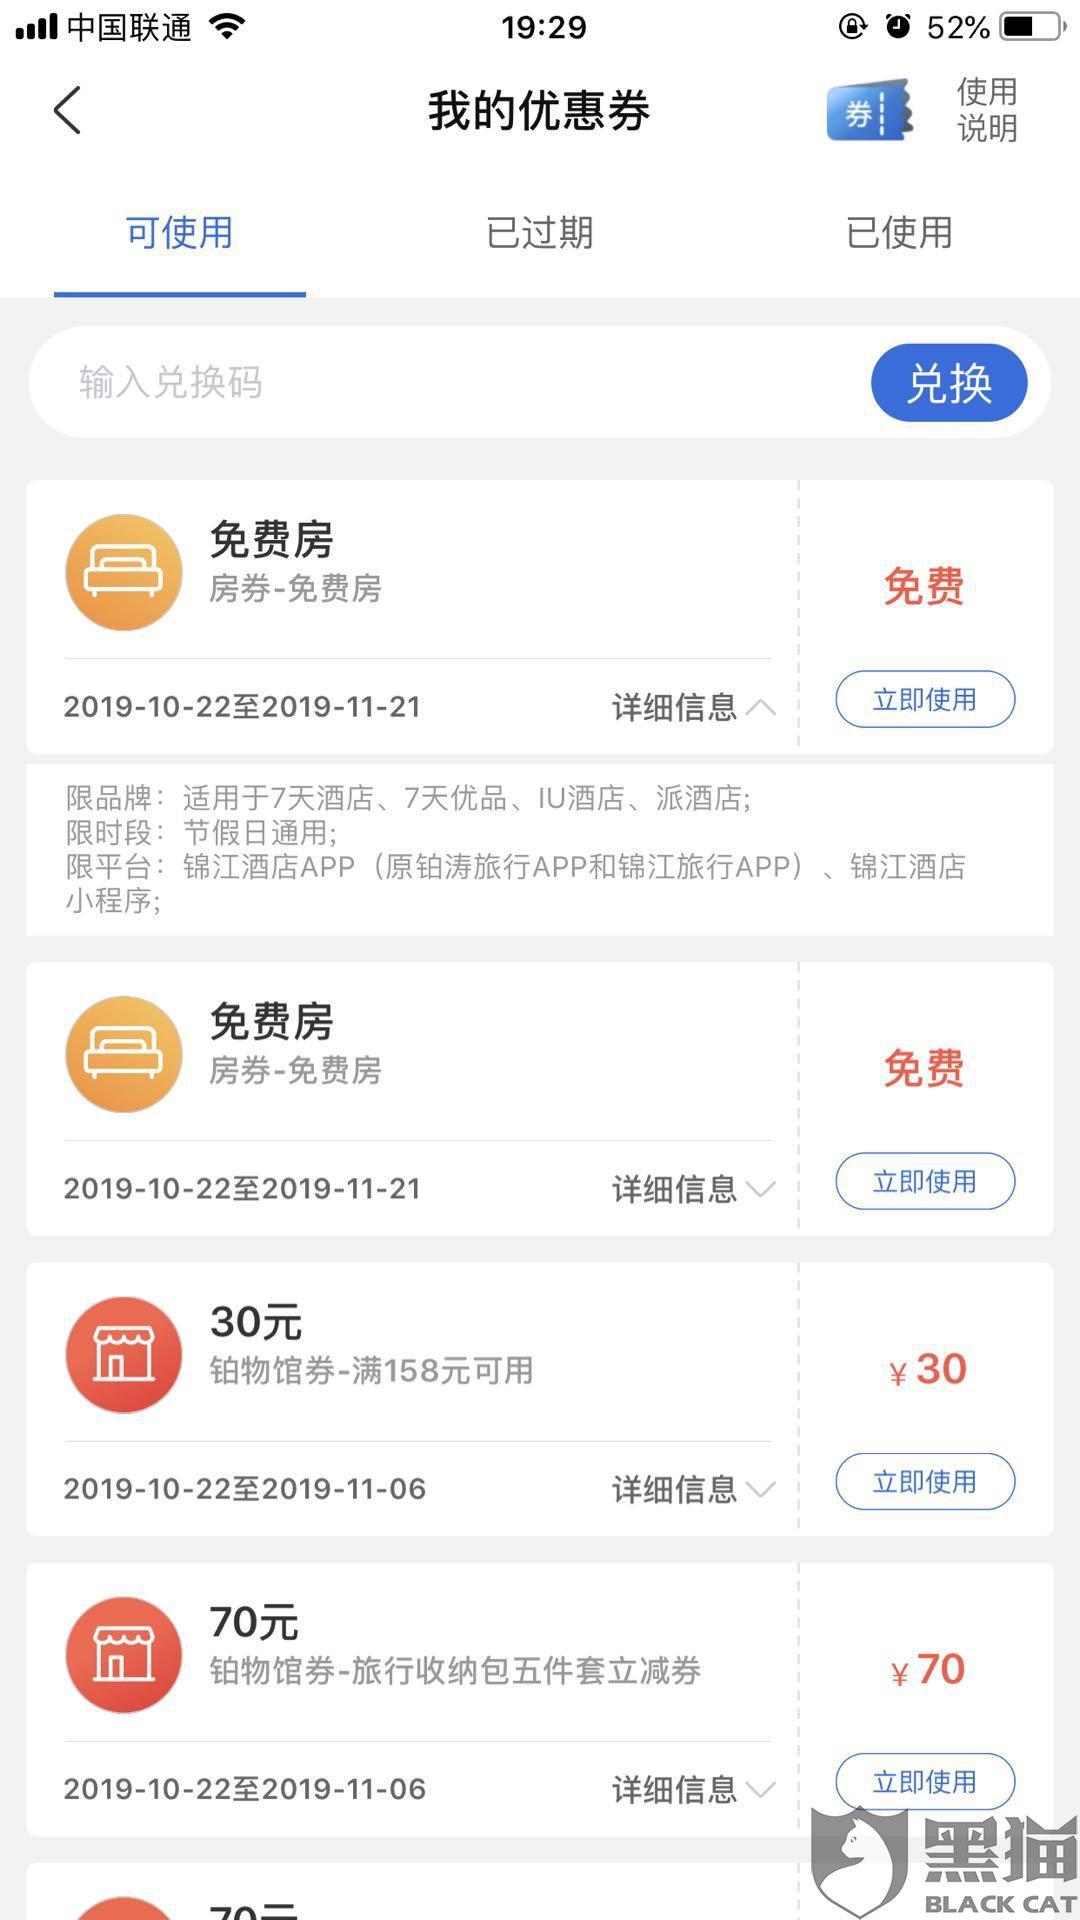 黑猫投诉:锦江酒店的什么学生礼包免费房券就是骗人的